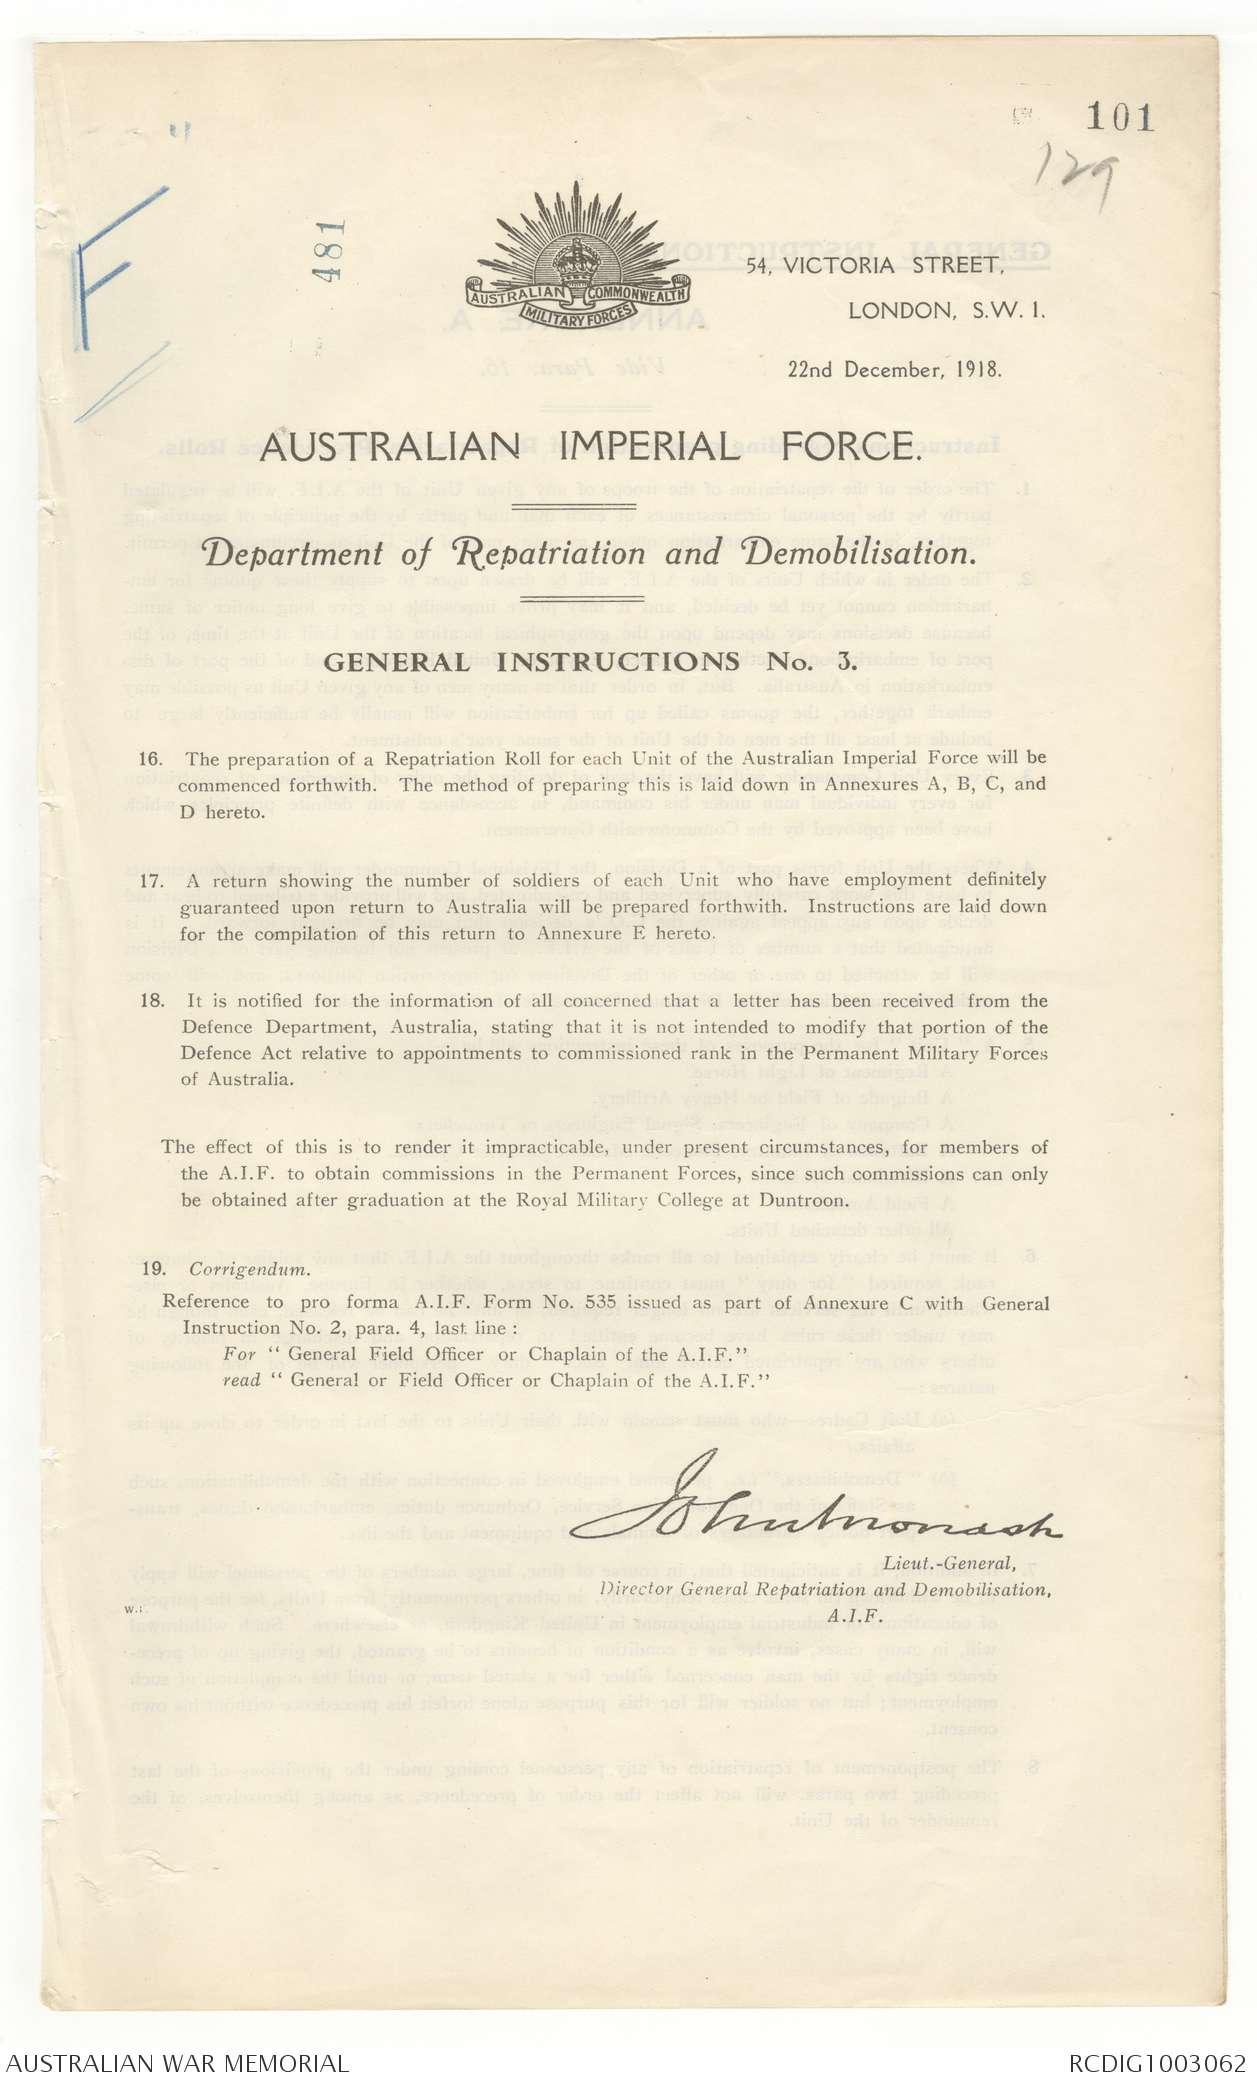 AWM4 30/1/3 PART 2 - December 1918 | The Australian War Memorial